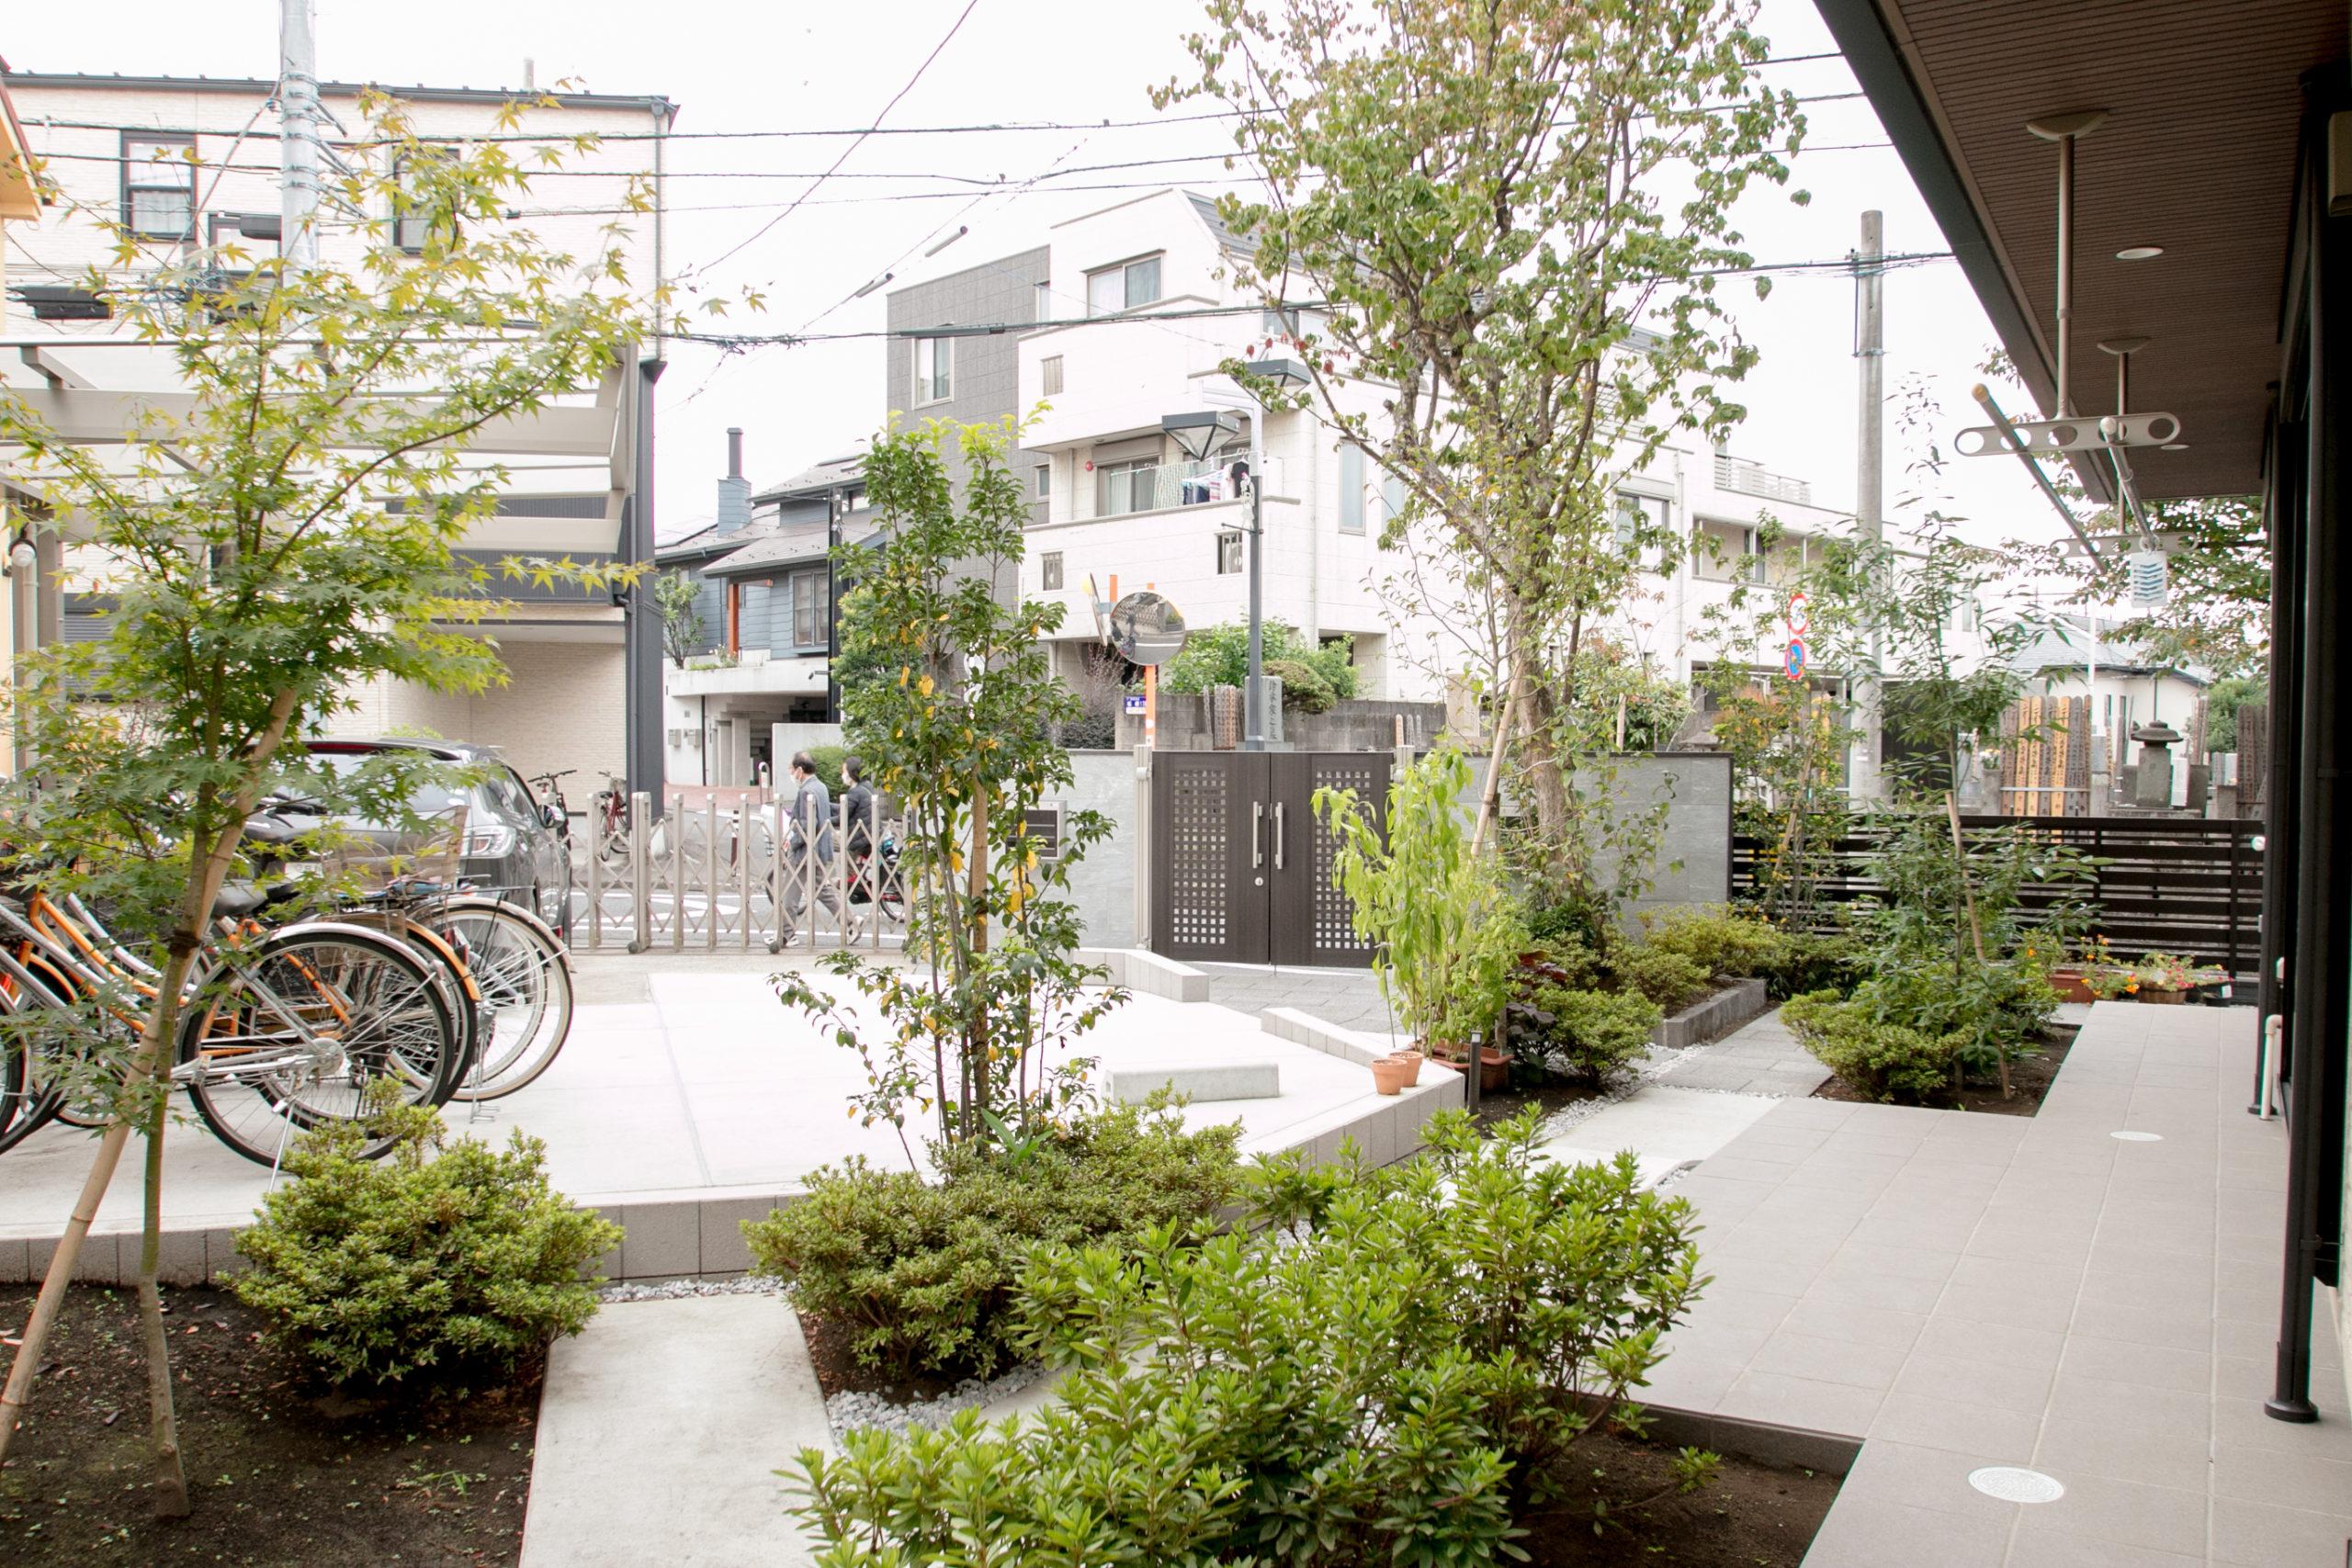 境のないカーポート・アプローチ・庭を緑を上手く配置することで分離